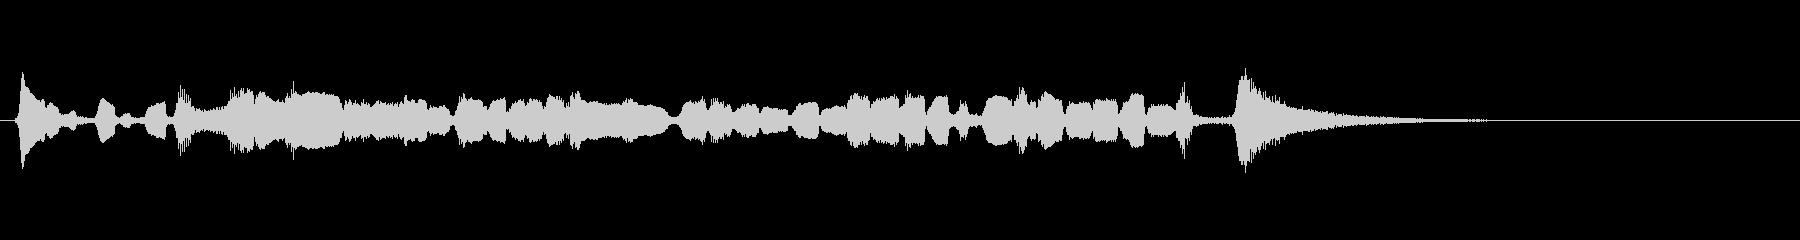 【生演奏】アコーディオンジングル36の未再生の波形